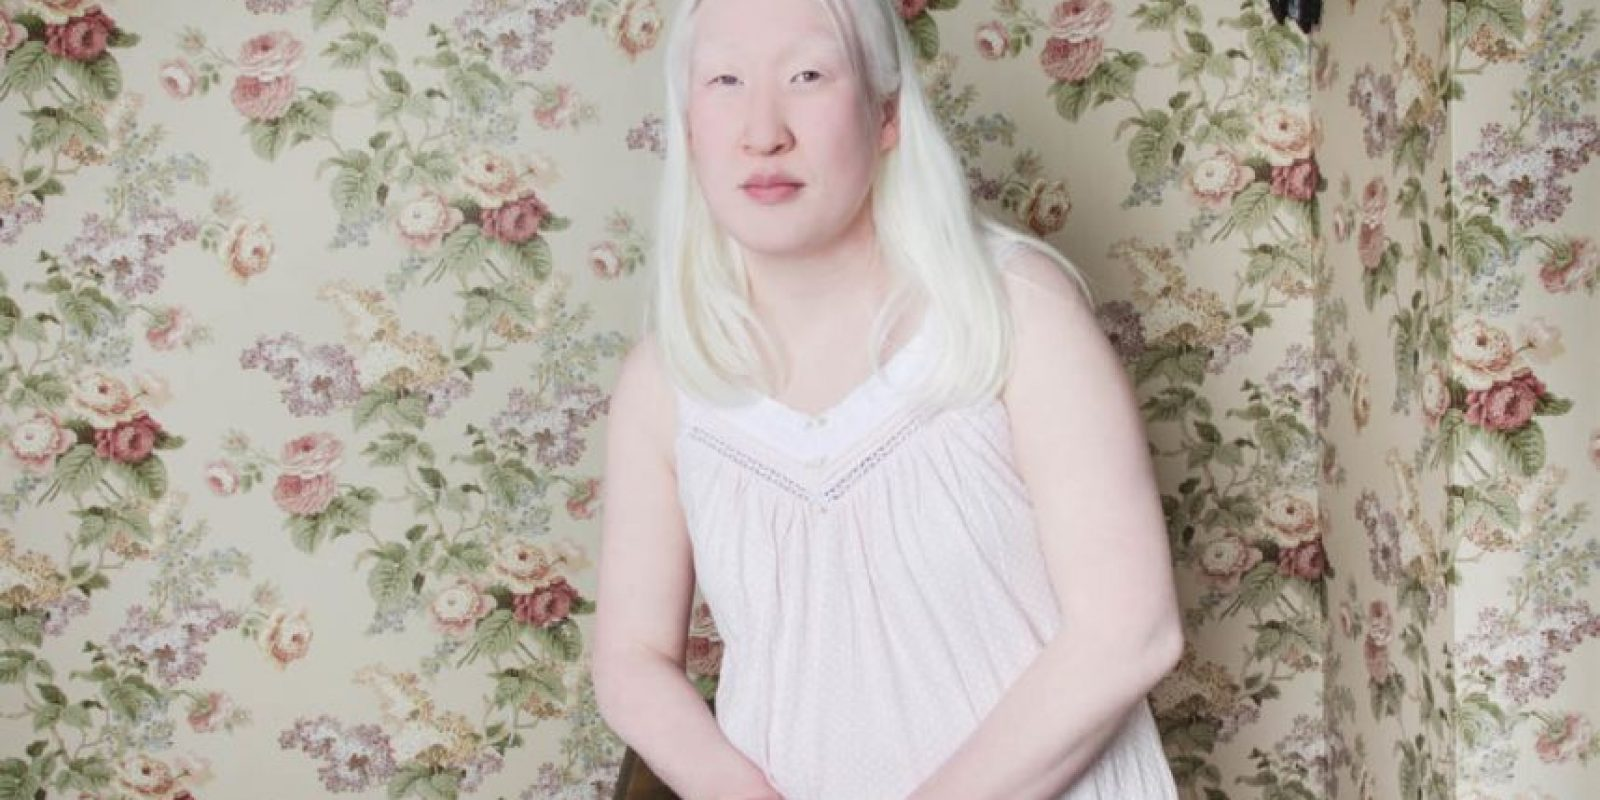 Las personas con albinismo pueden sufrir de aislamiento debido a que la condición no es comprendida Foto:Vía www.angelinadauguste.com